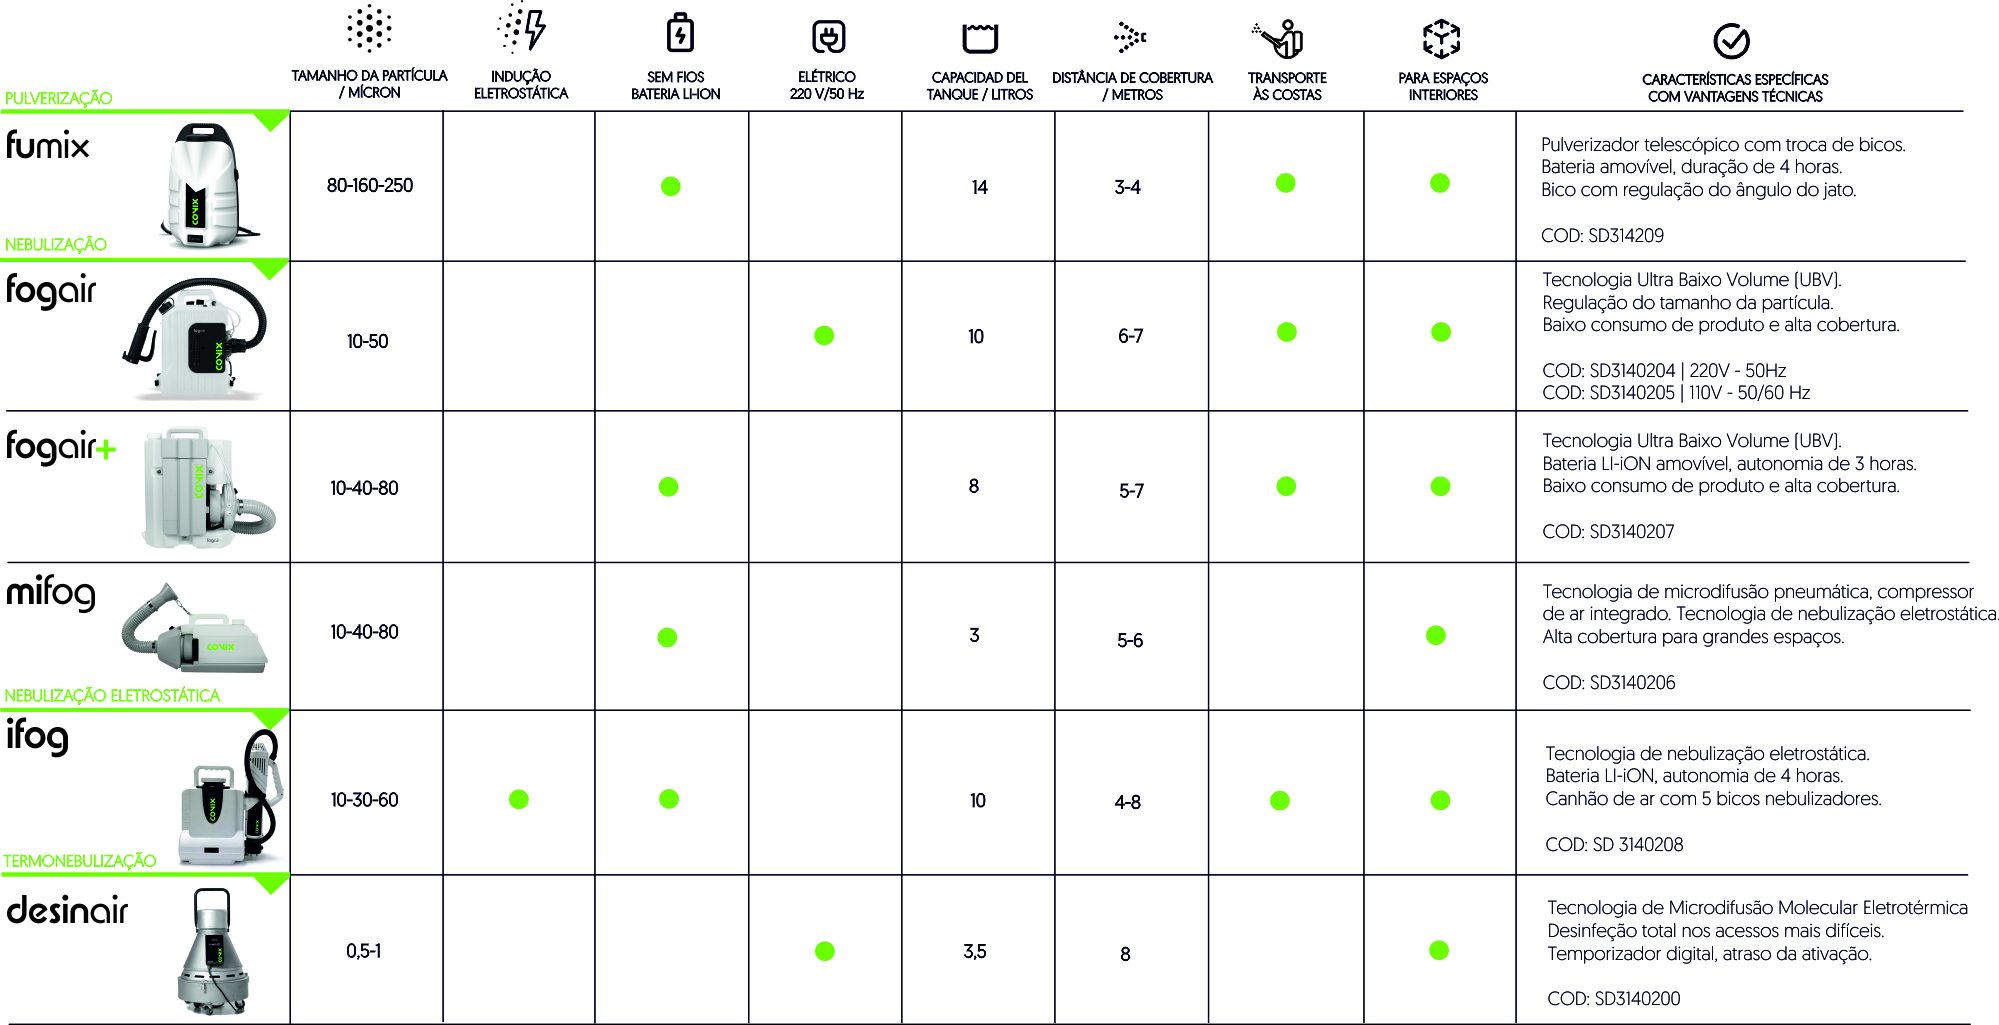 Comparação de nebulizadores de covix